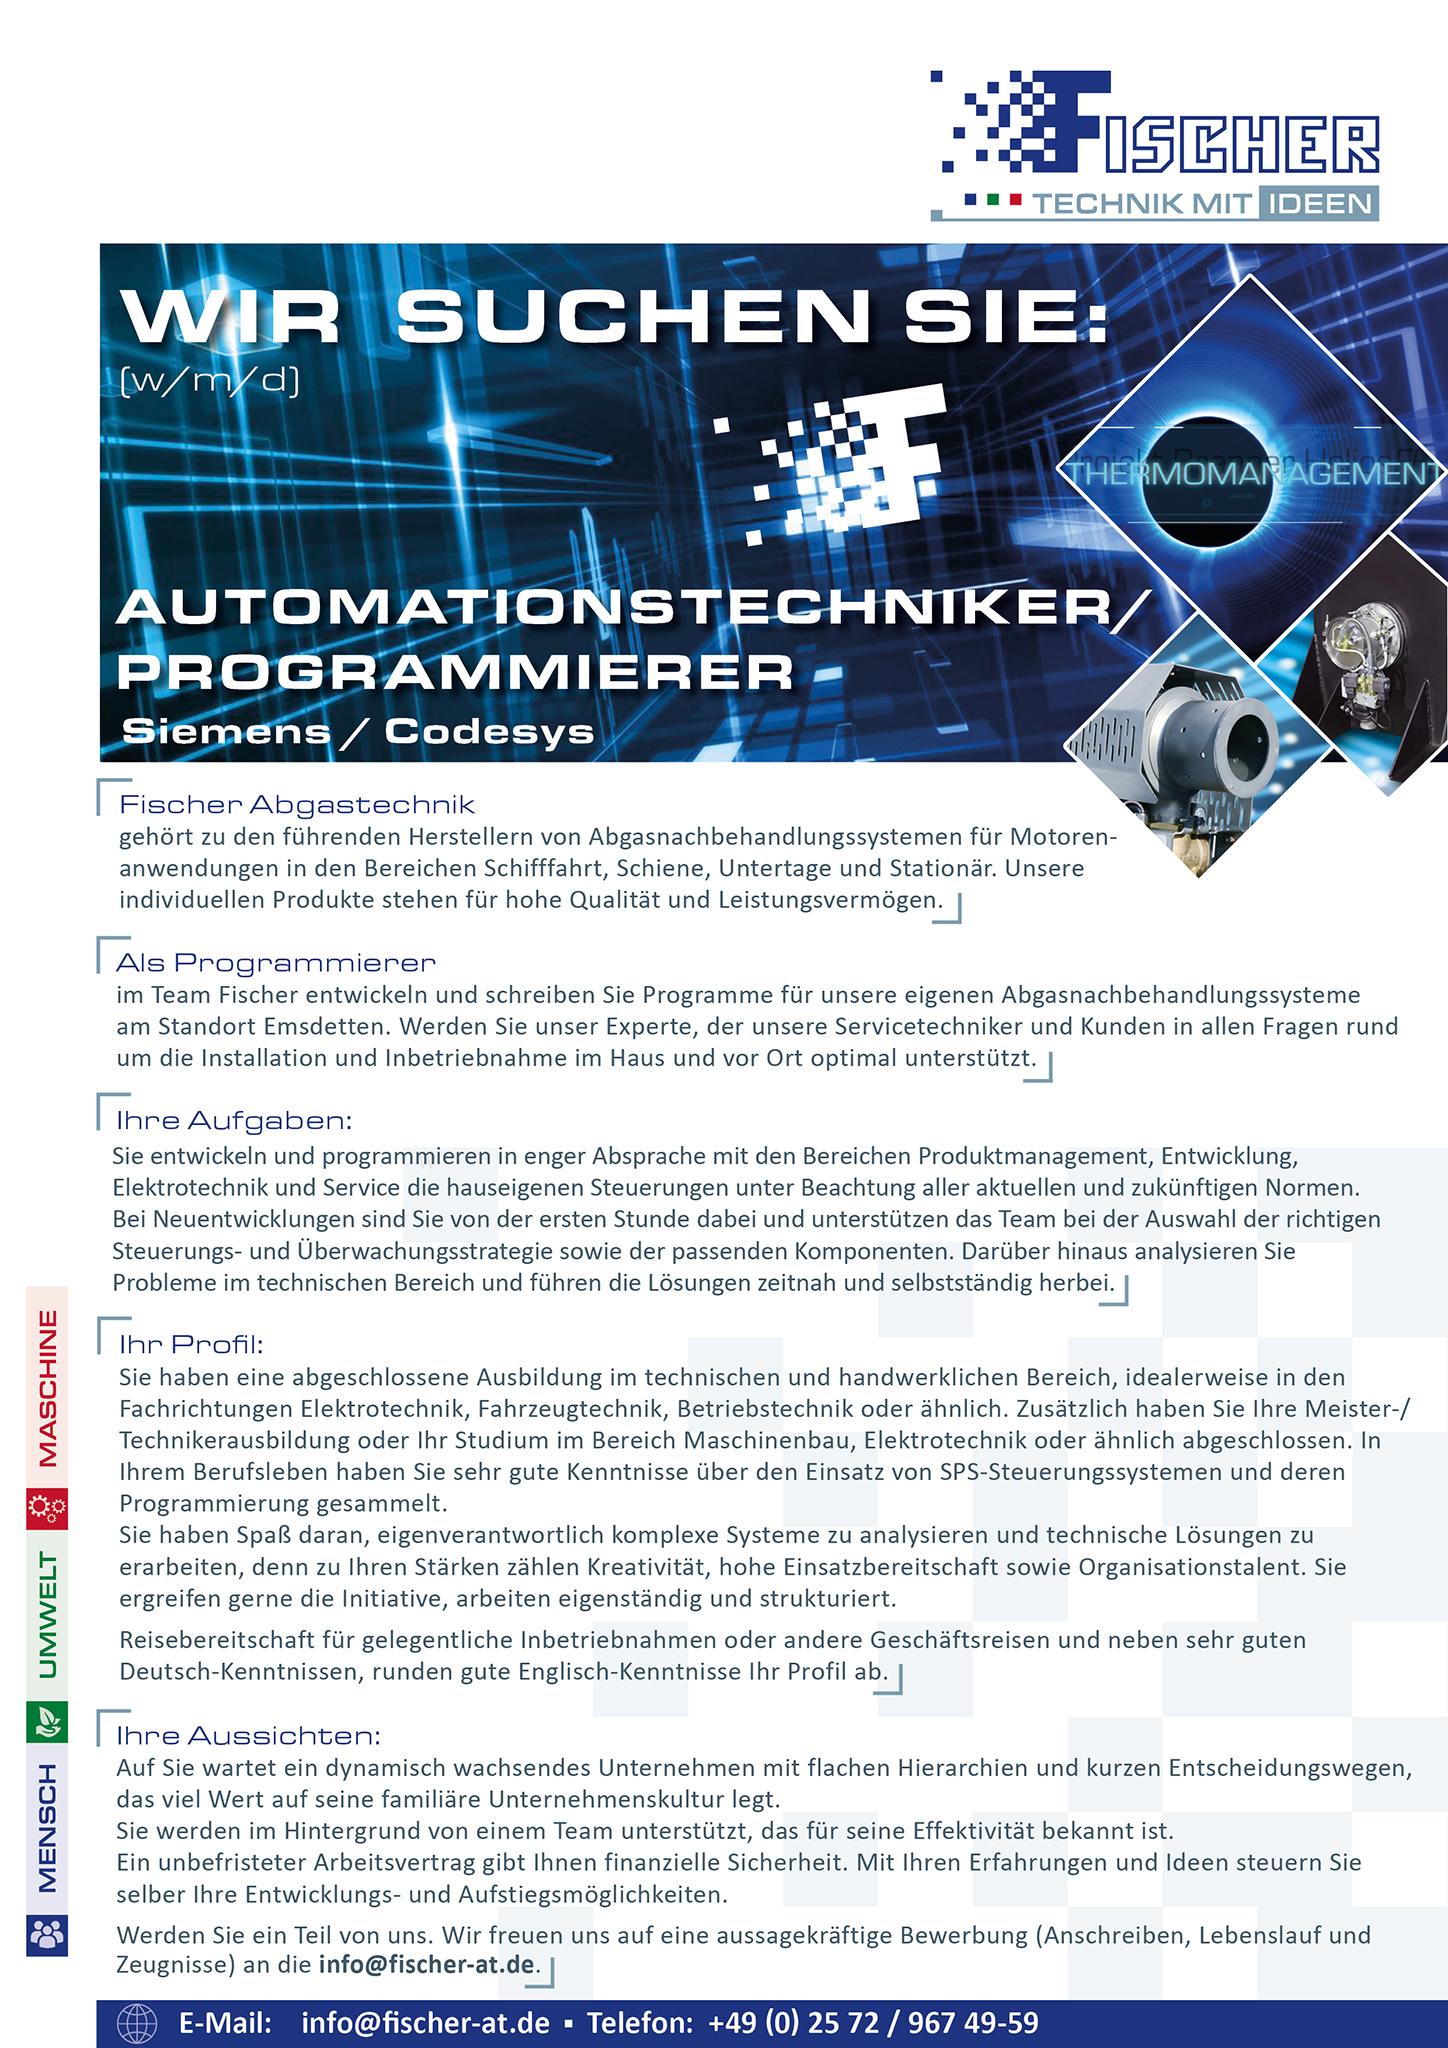 Programmierer und Automationstechniker